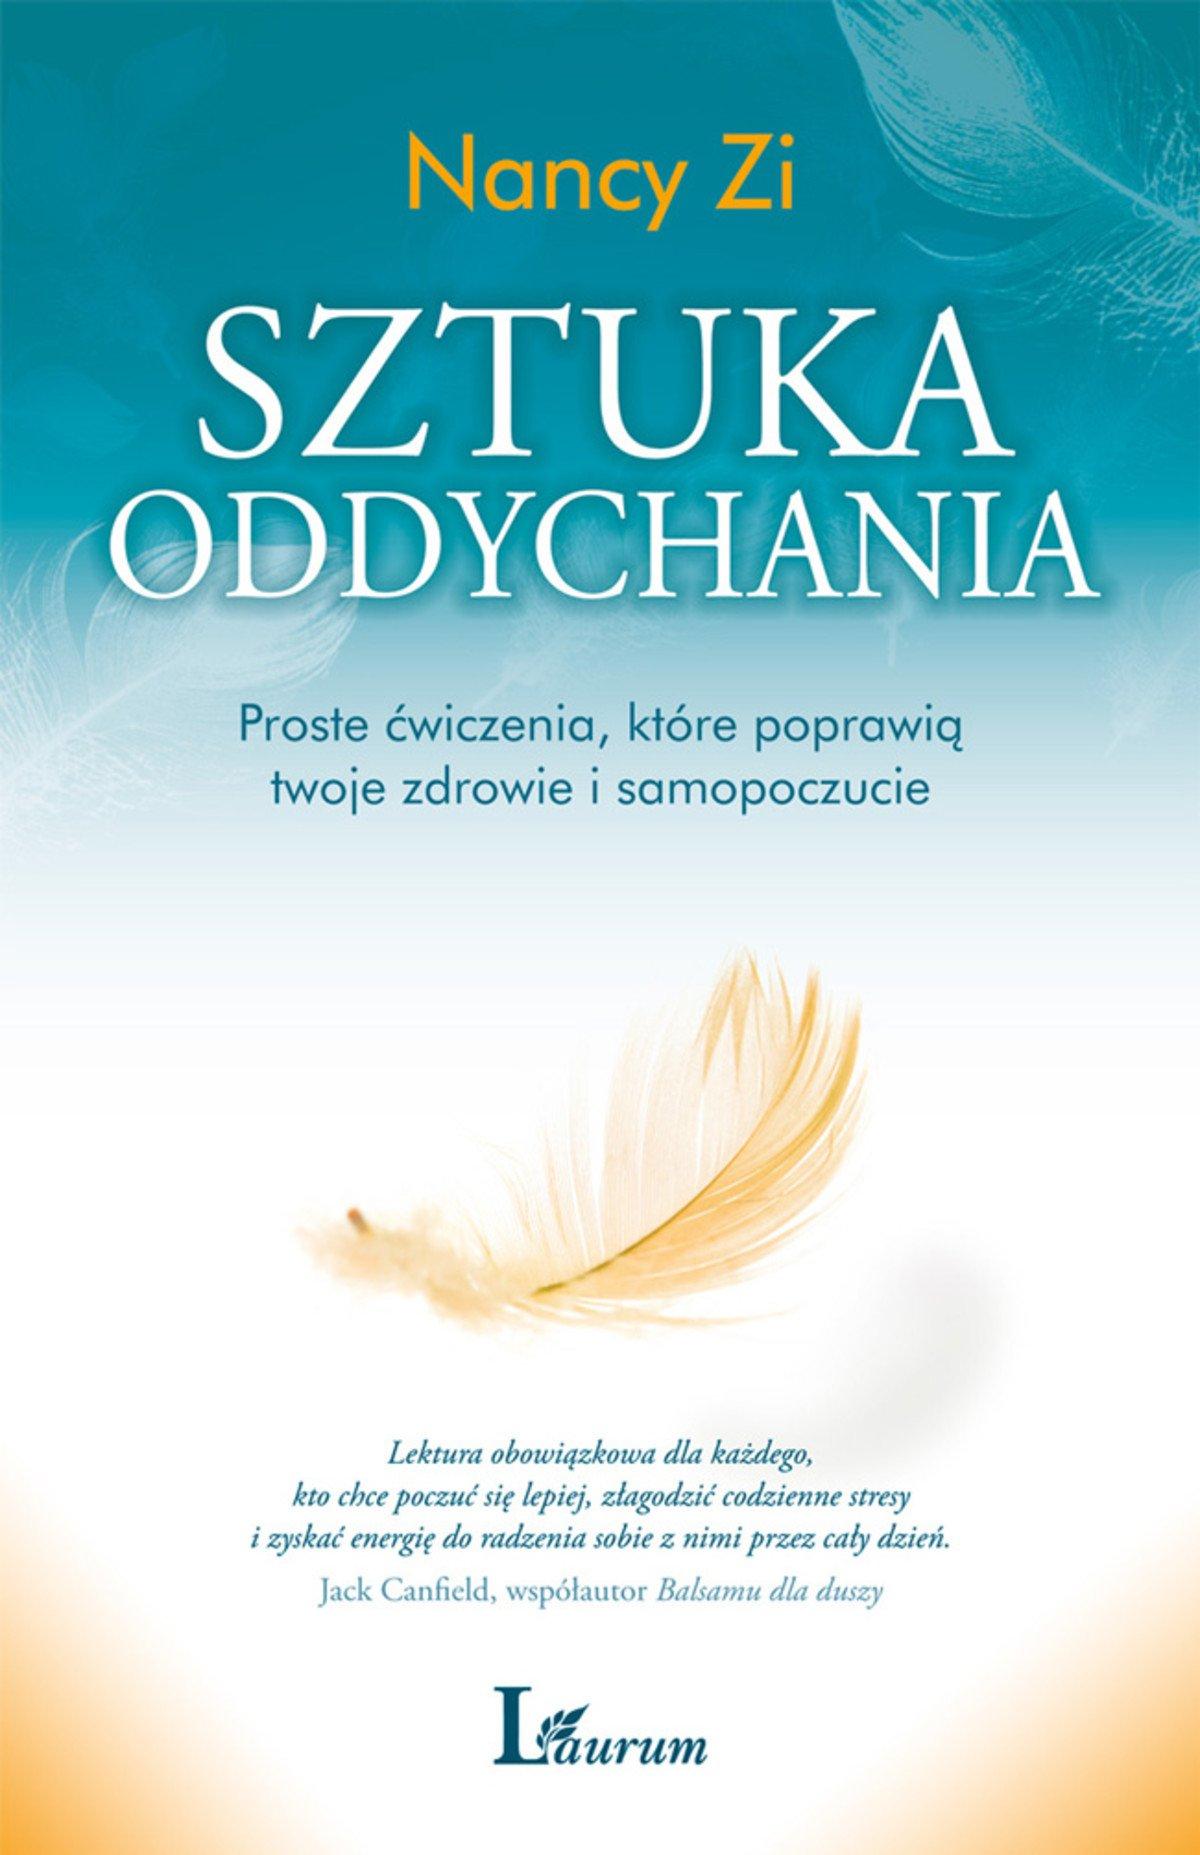 Sztuka oddychania - Ebook (Książka EPUB) do pobrania w formacie EPUB